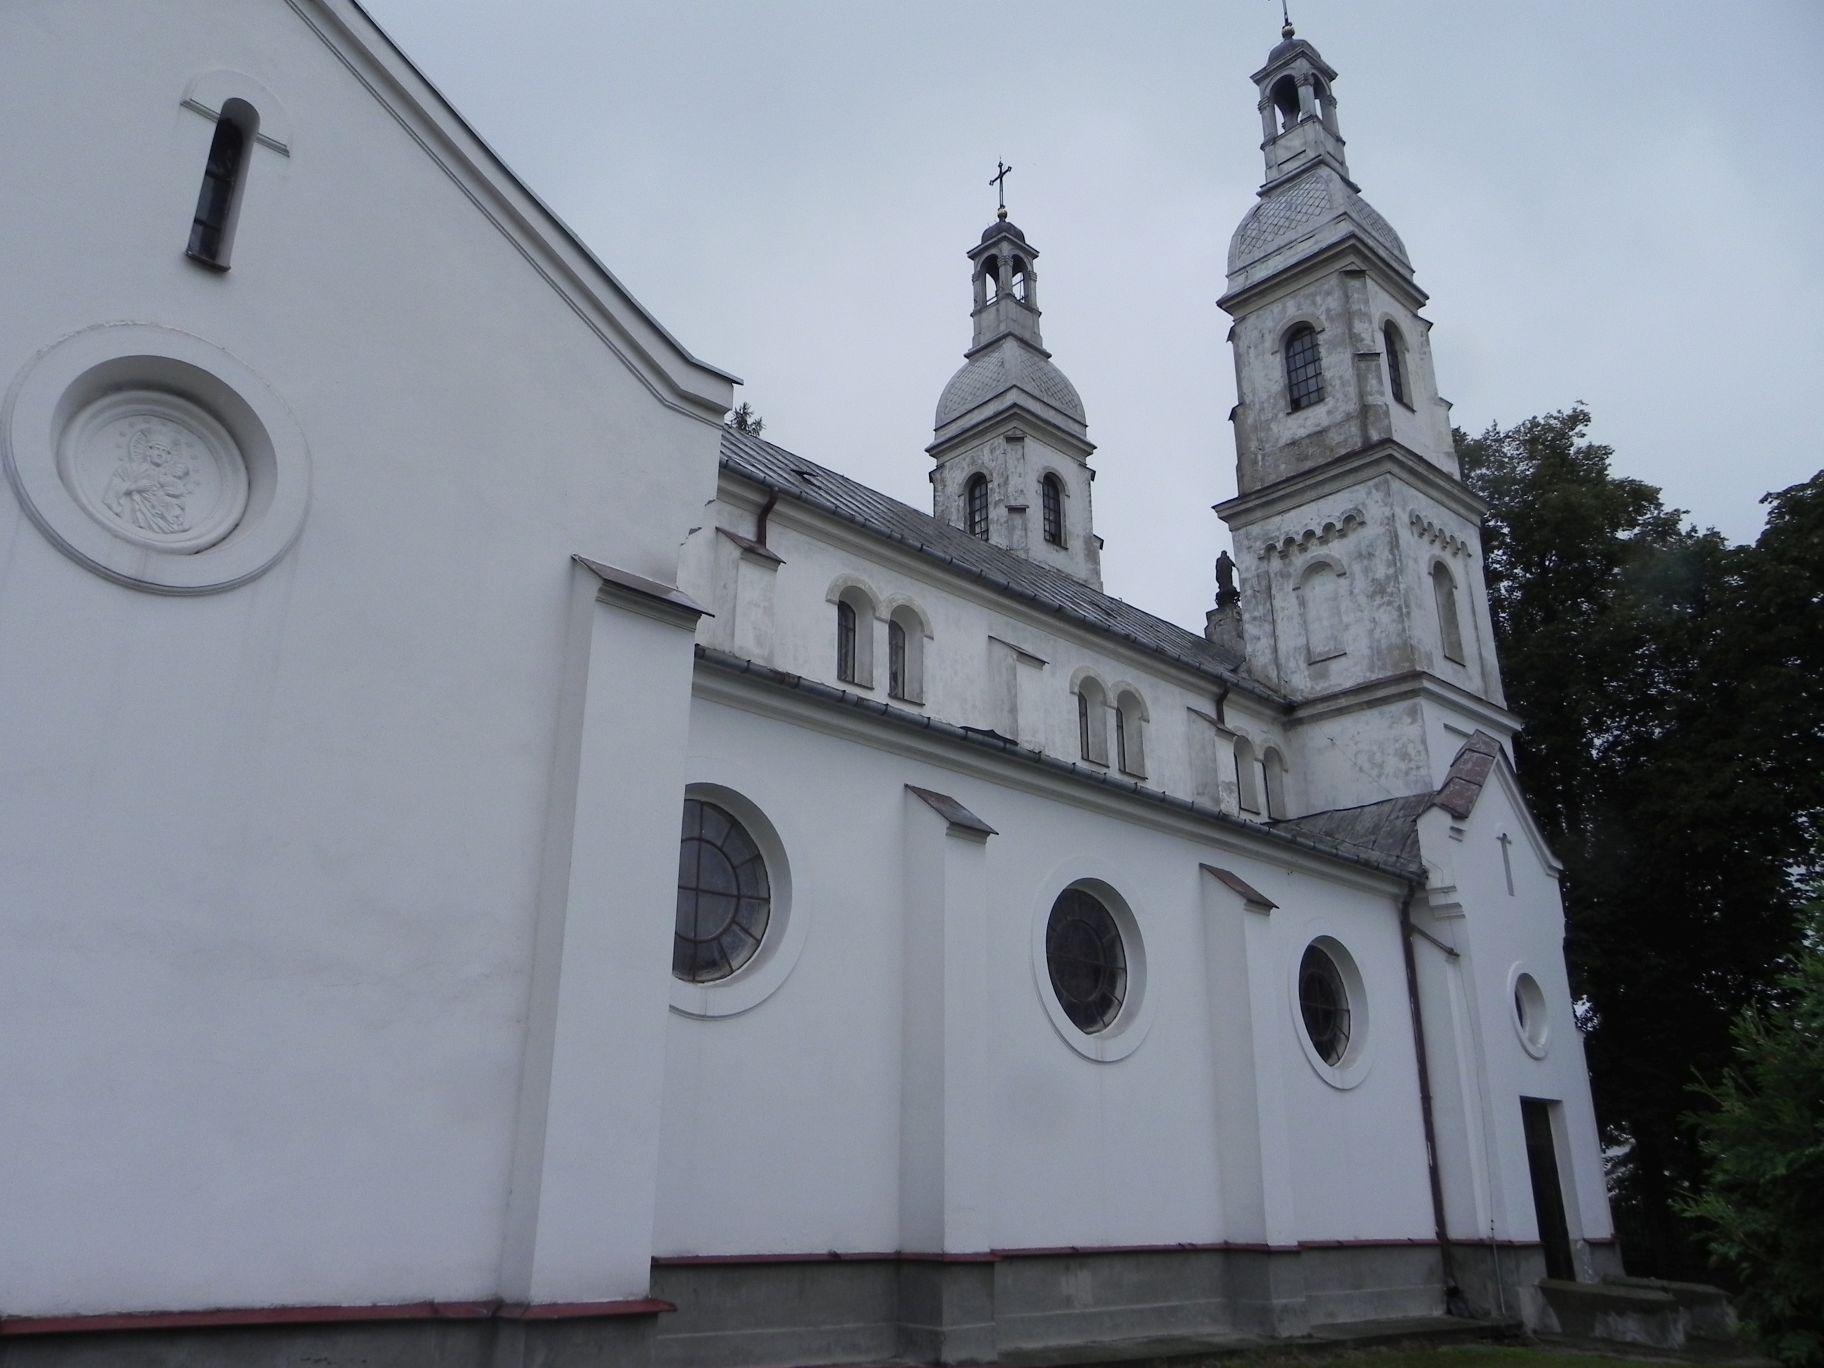 2012-08-16 Sadkowice - dożynki (9)